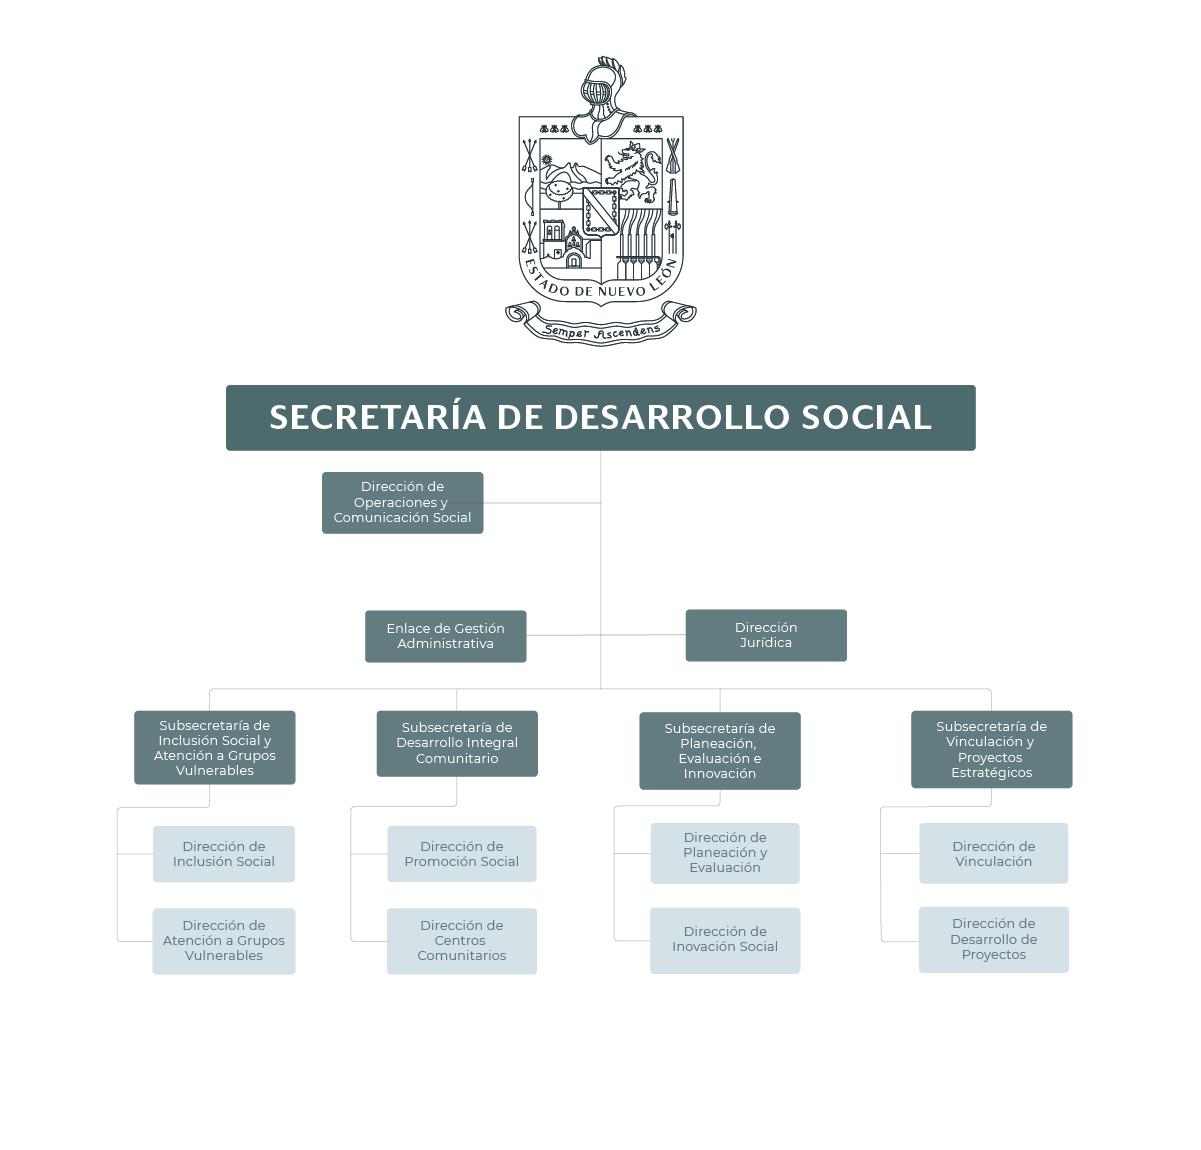 Organigrama de la Secretaría de Desarrollo Social